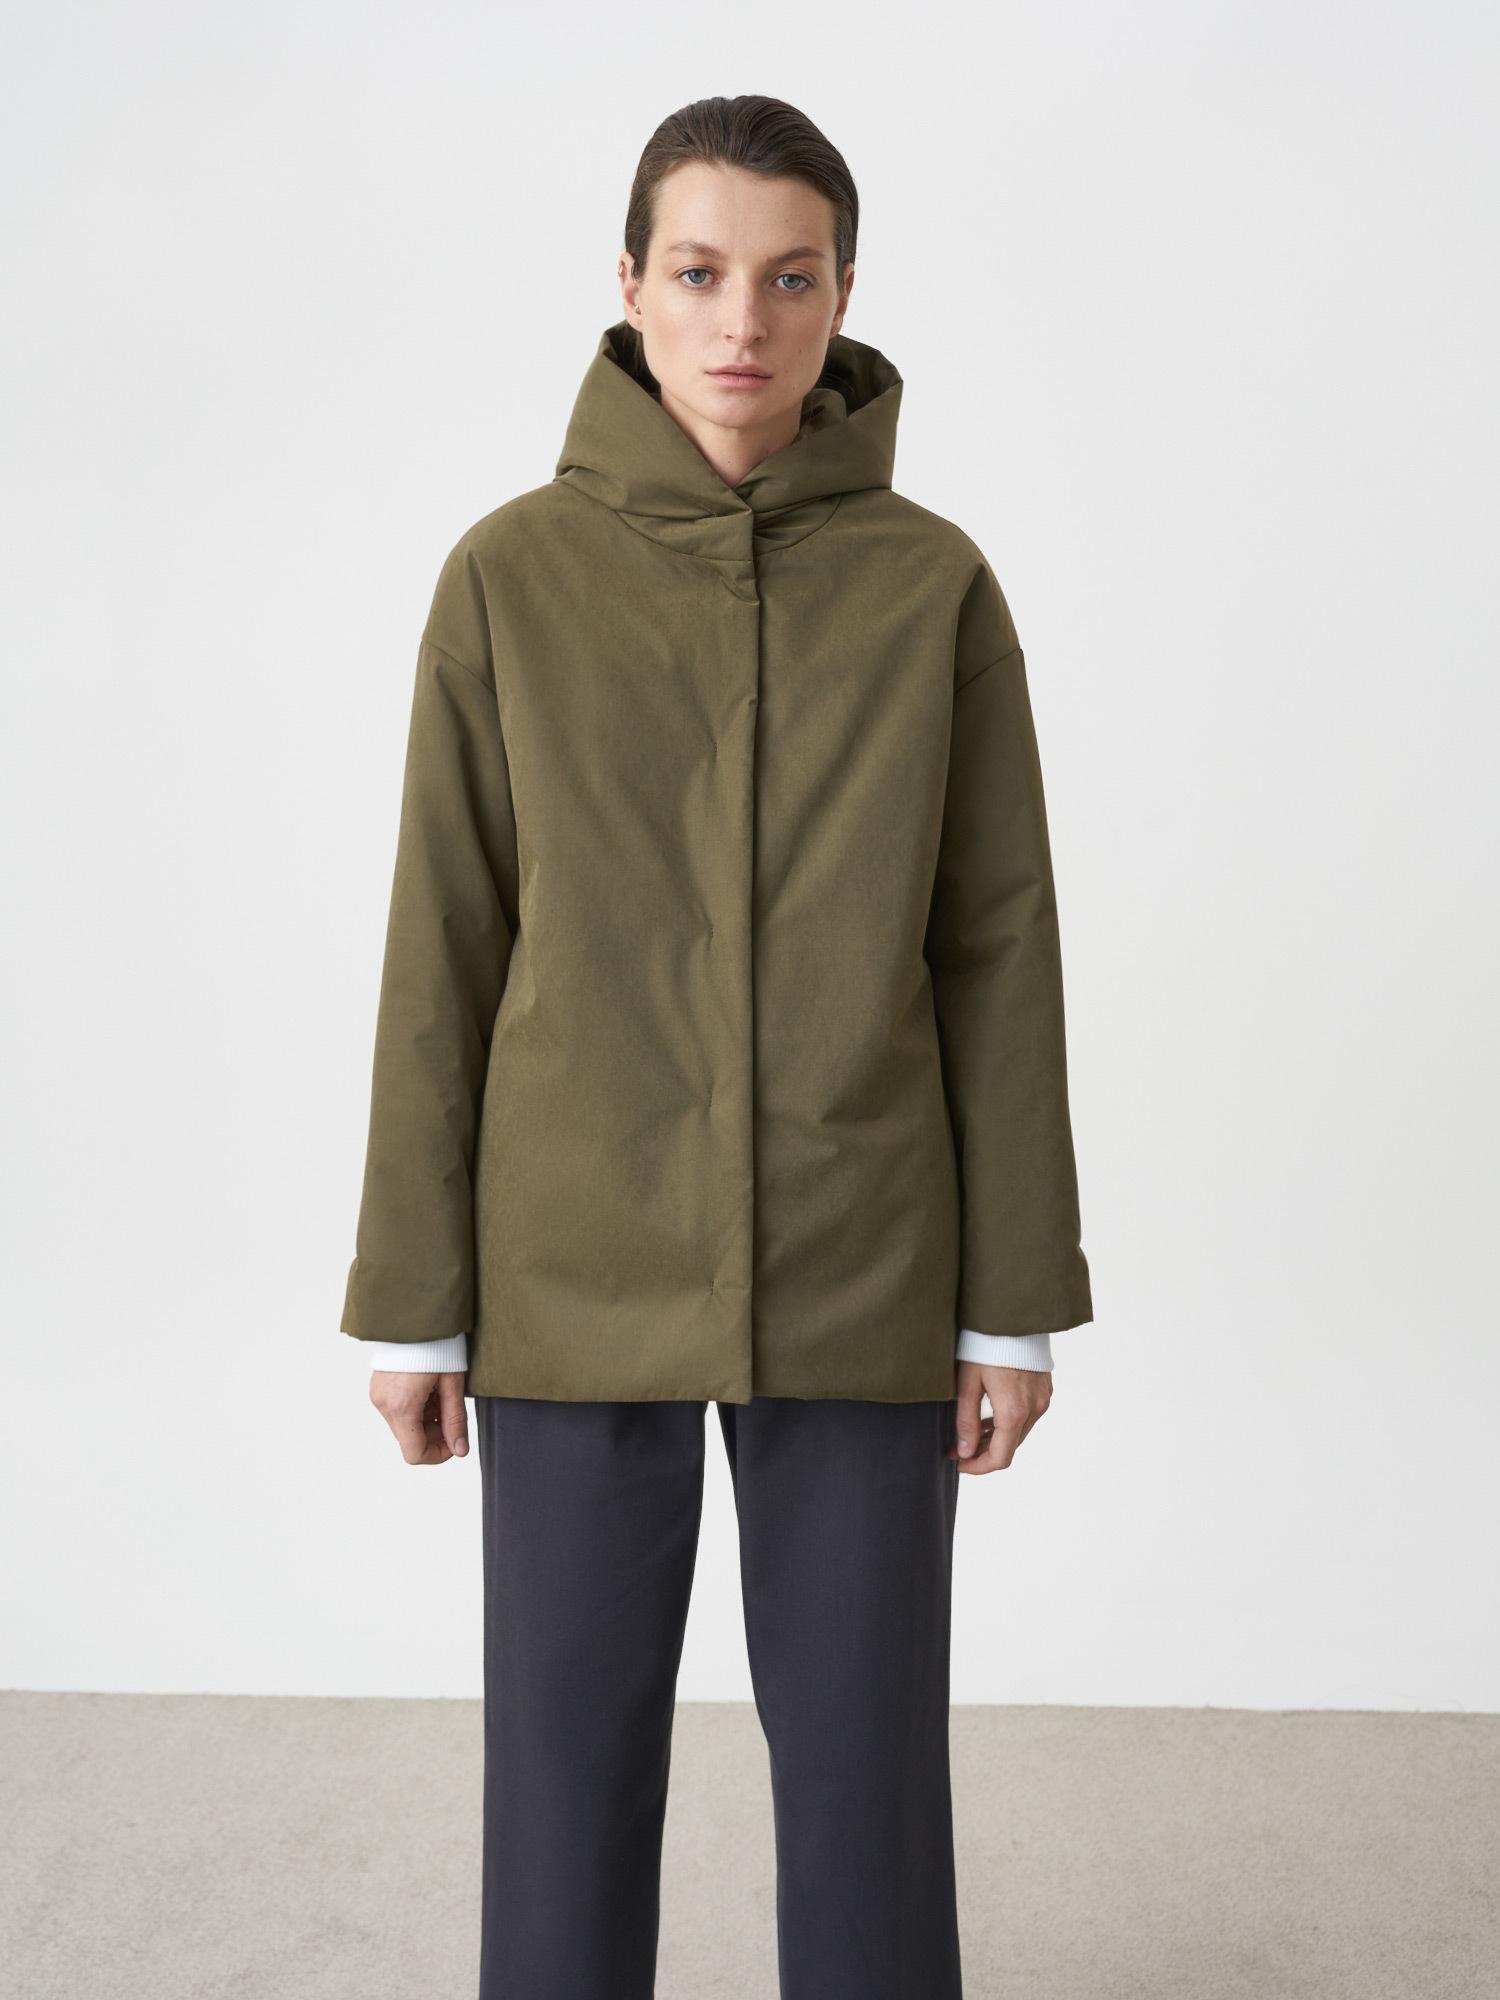 Куртка Новосибирск с удлиненной спинкой